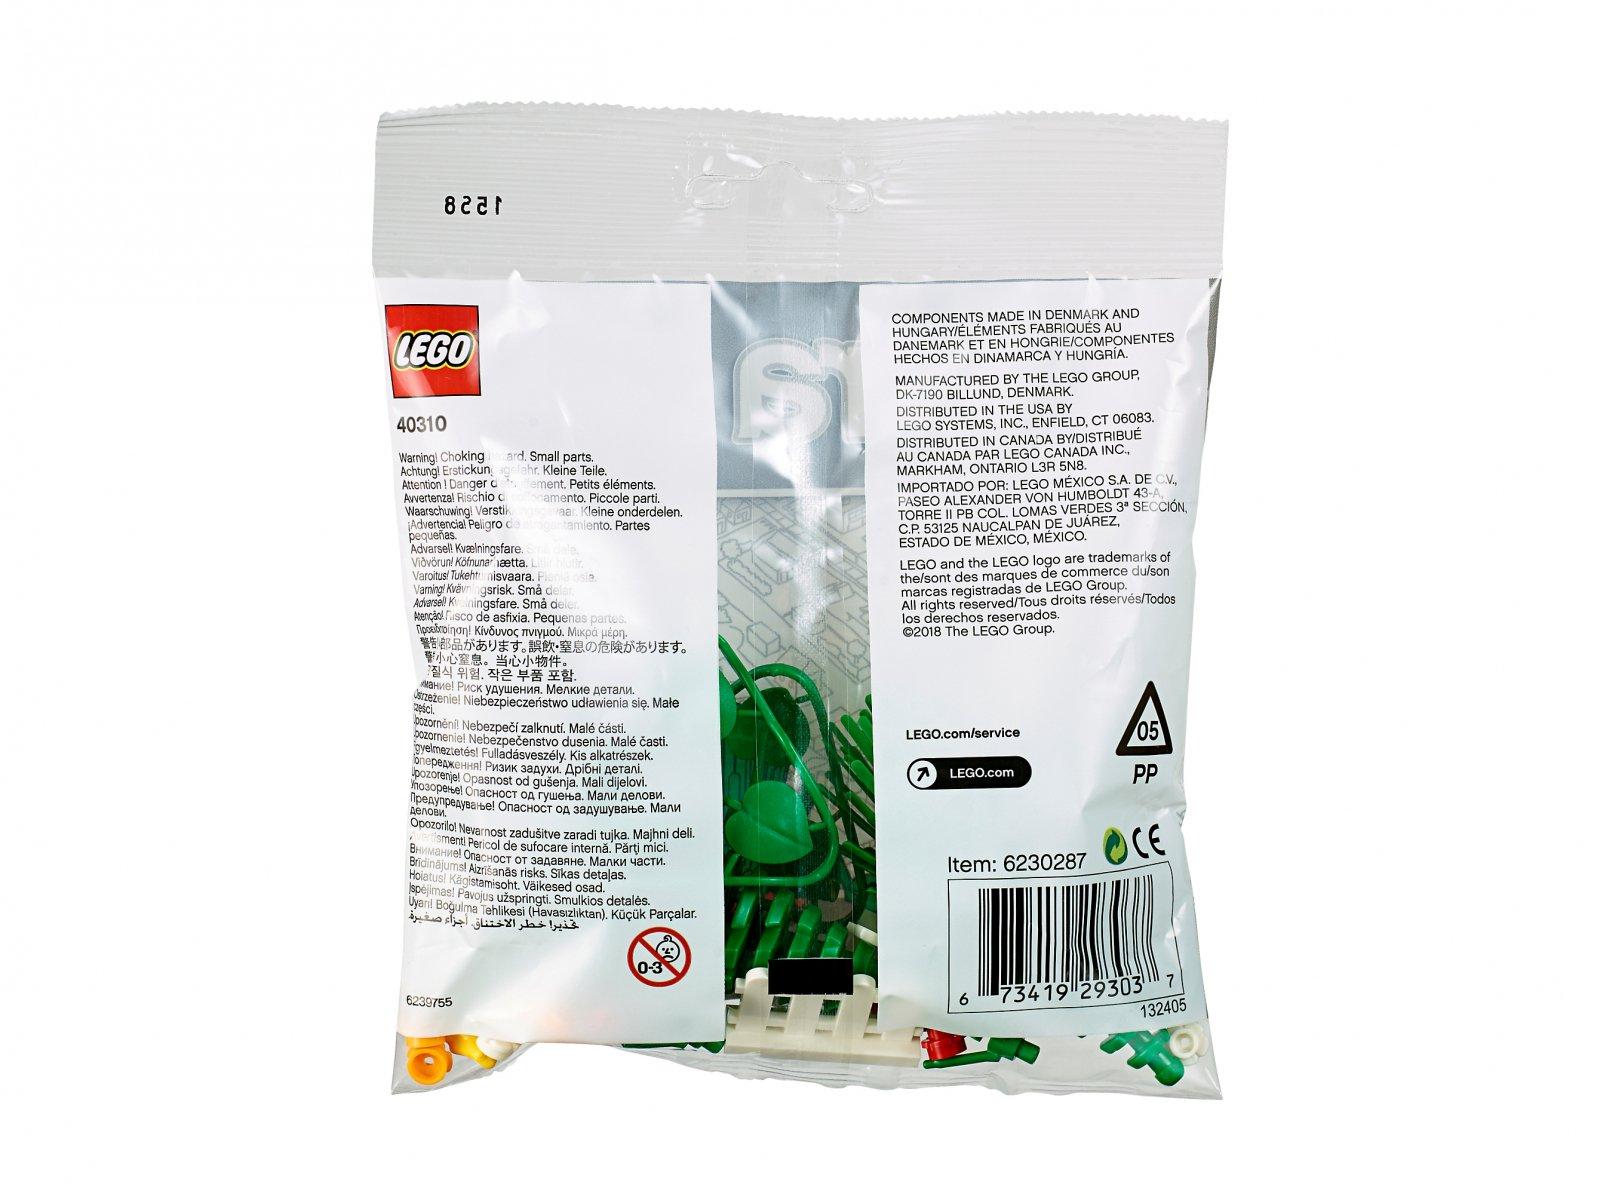 LEGO 40310 xtra Akcesoria botaniczne